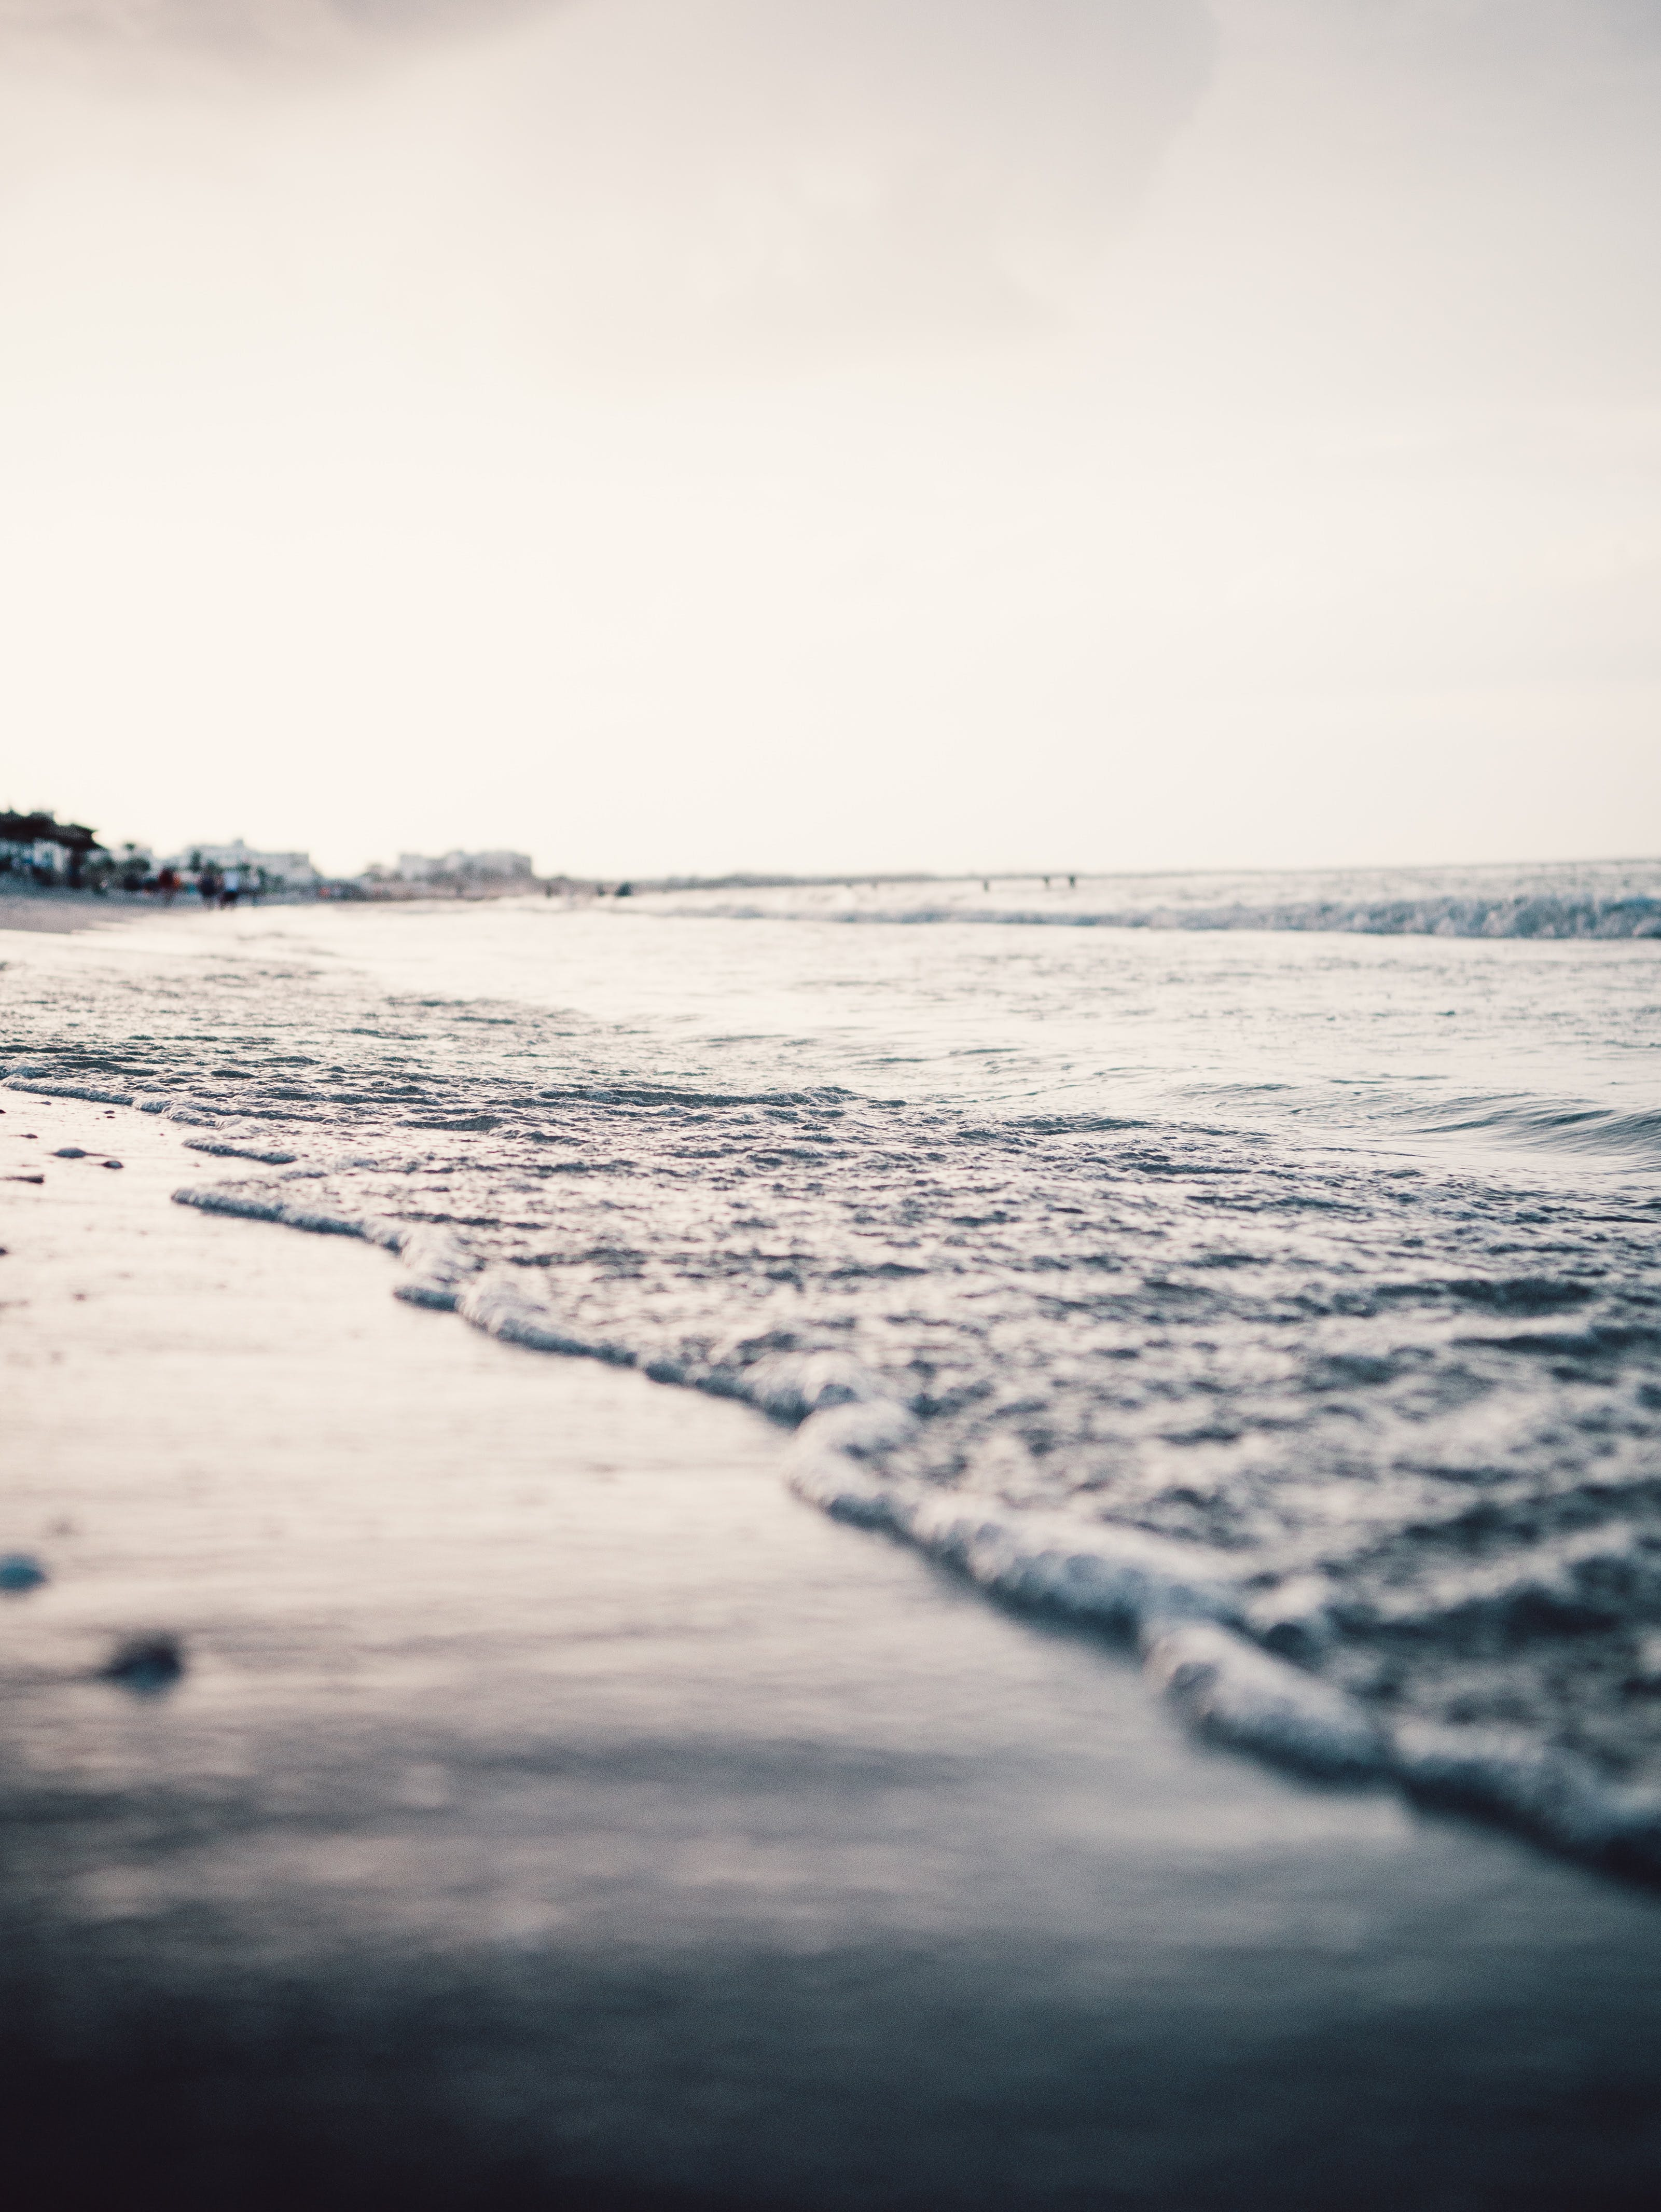 グレースケール, サーフィン, シースケープ, ビーチの無料の写真素材